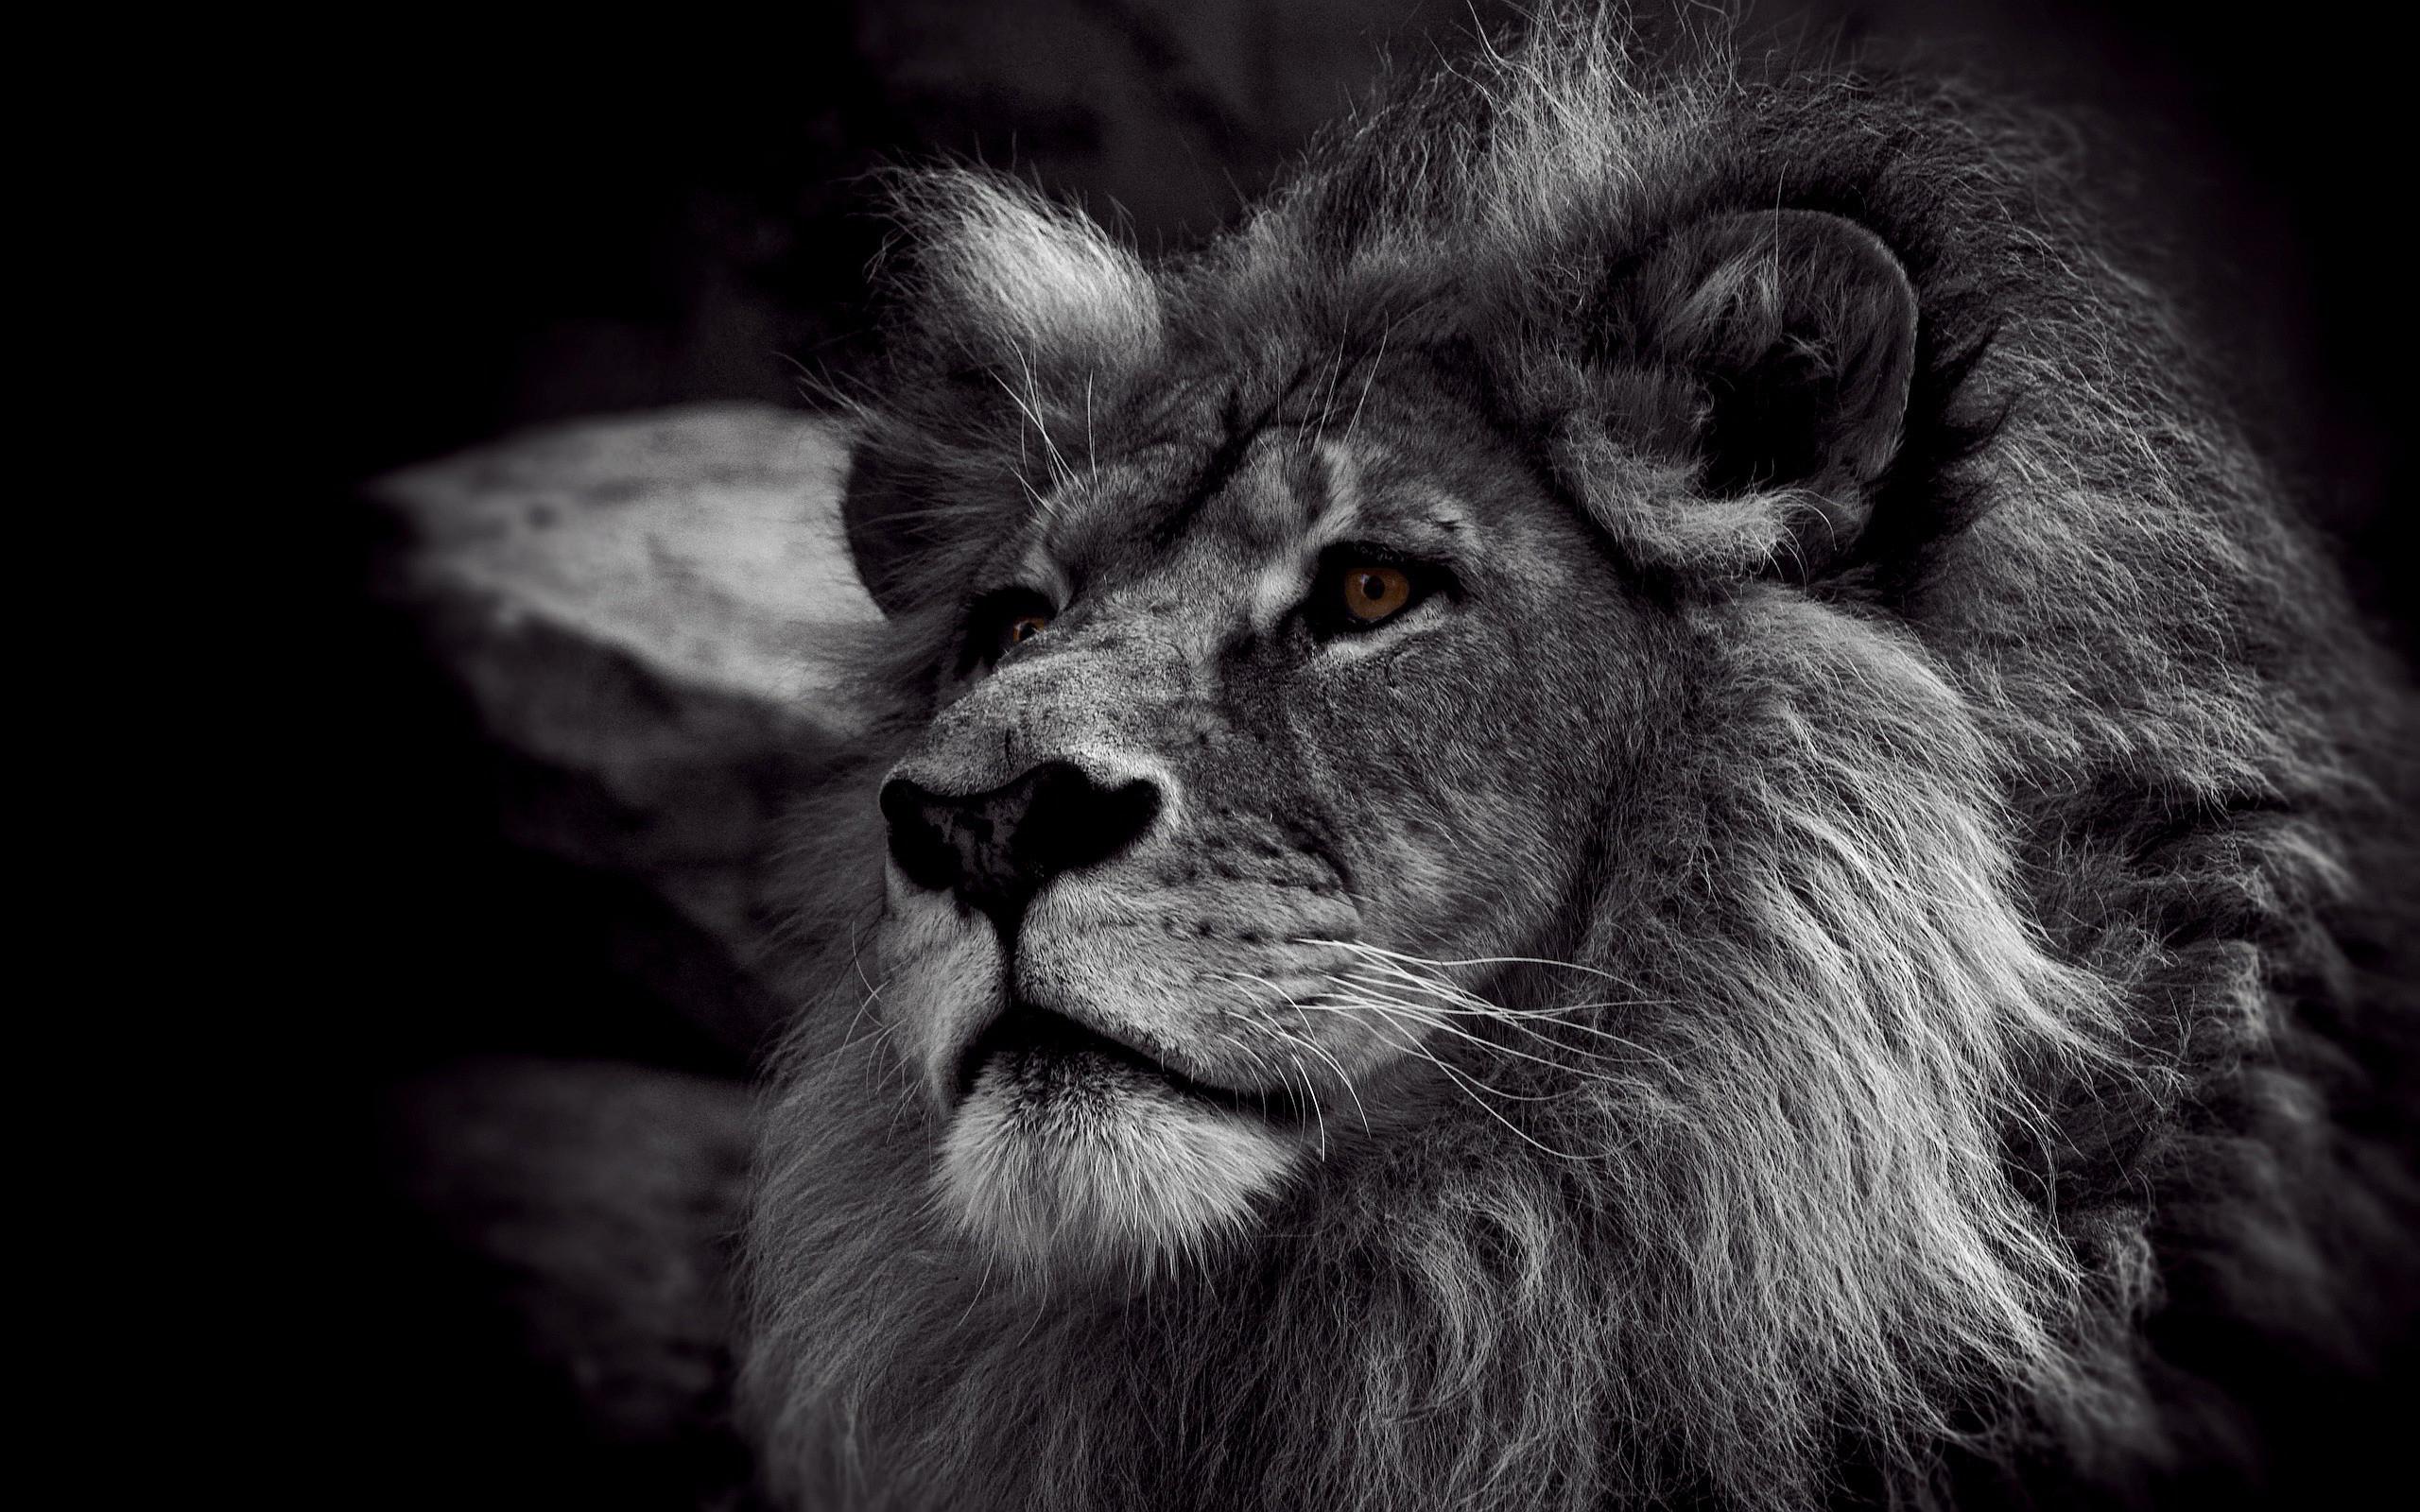 black lion hd wallpaper (64+ images)